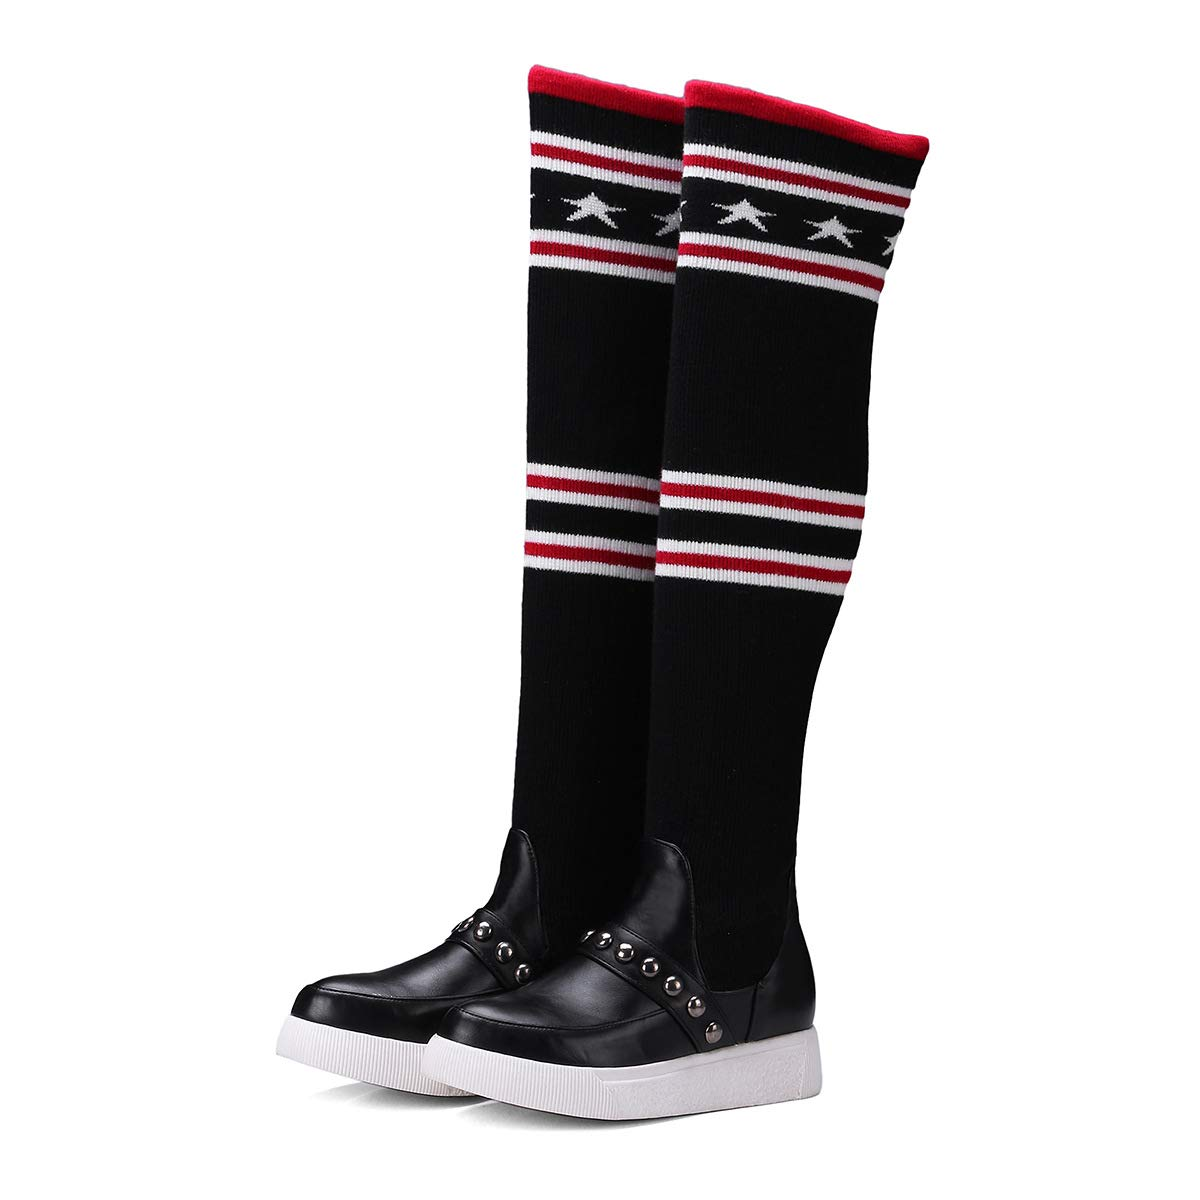 Frauen Stricken Flache Fersen dicken Boden hoch über Das Knie Stiefel Lange Stiefel Knie ad9641